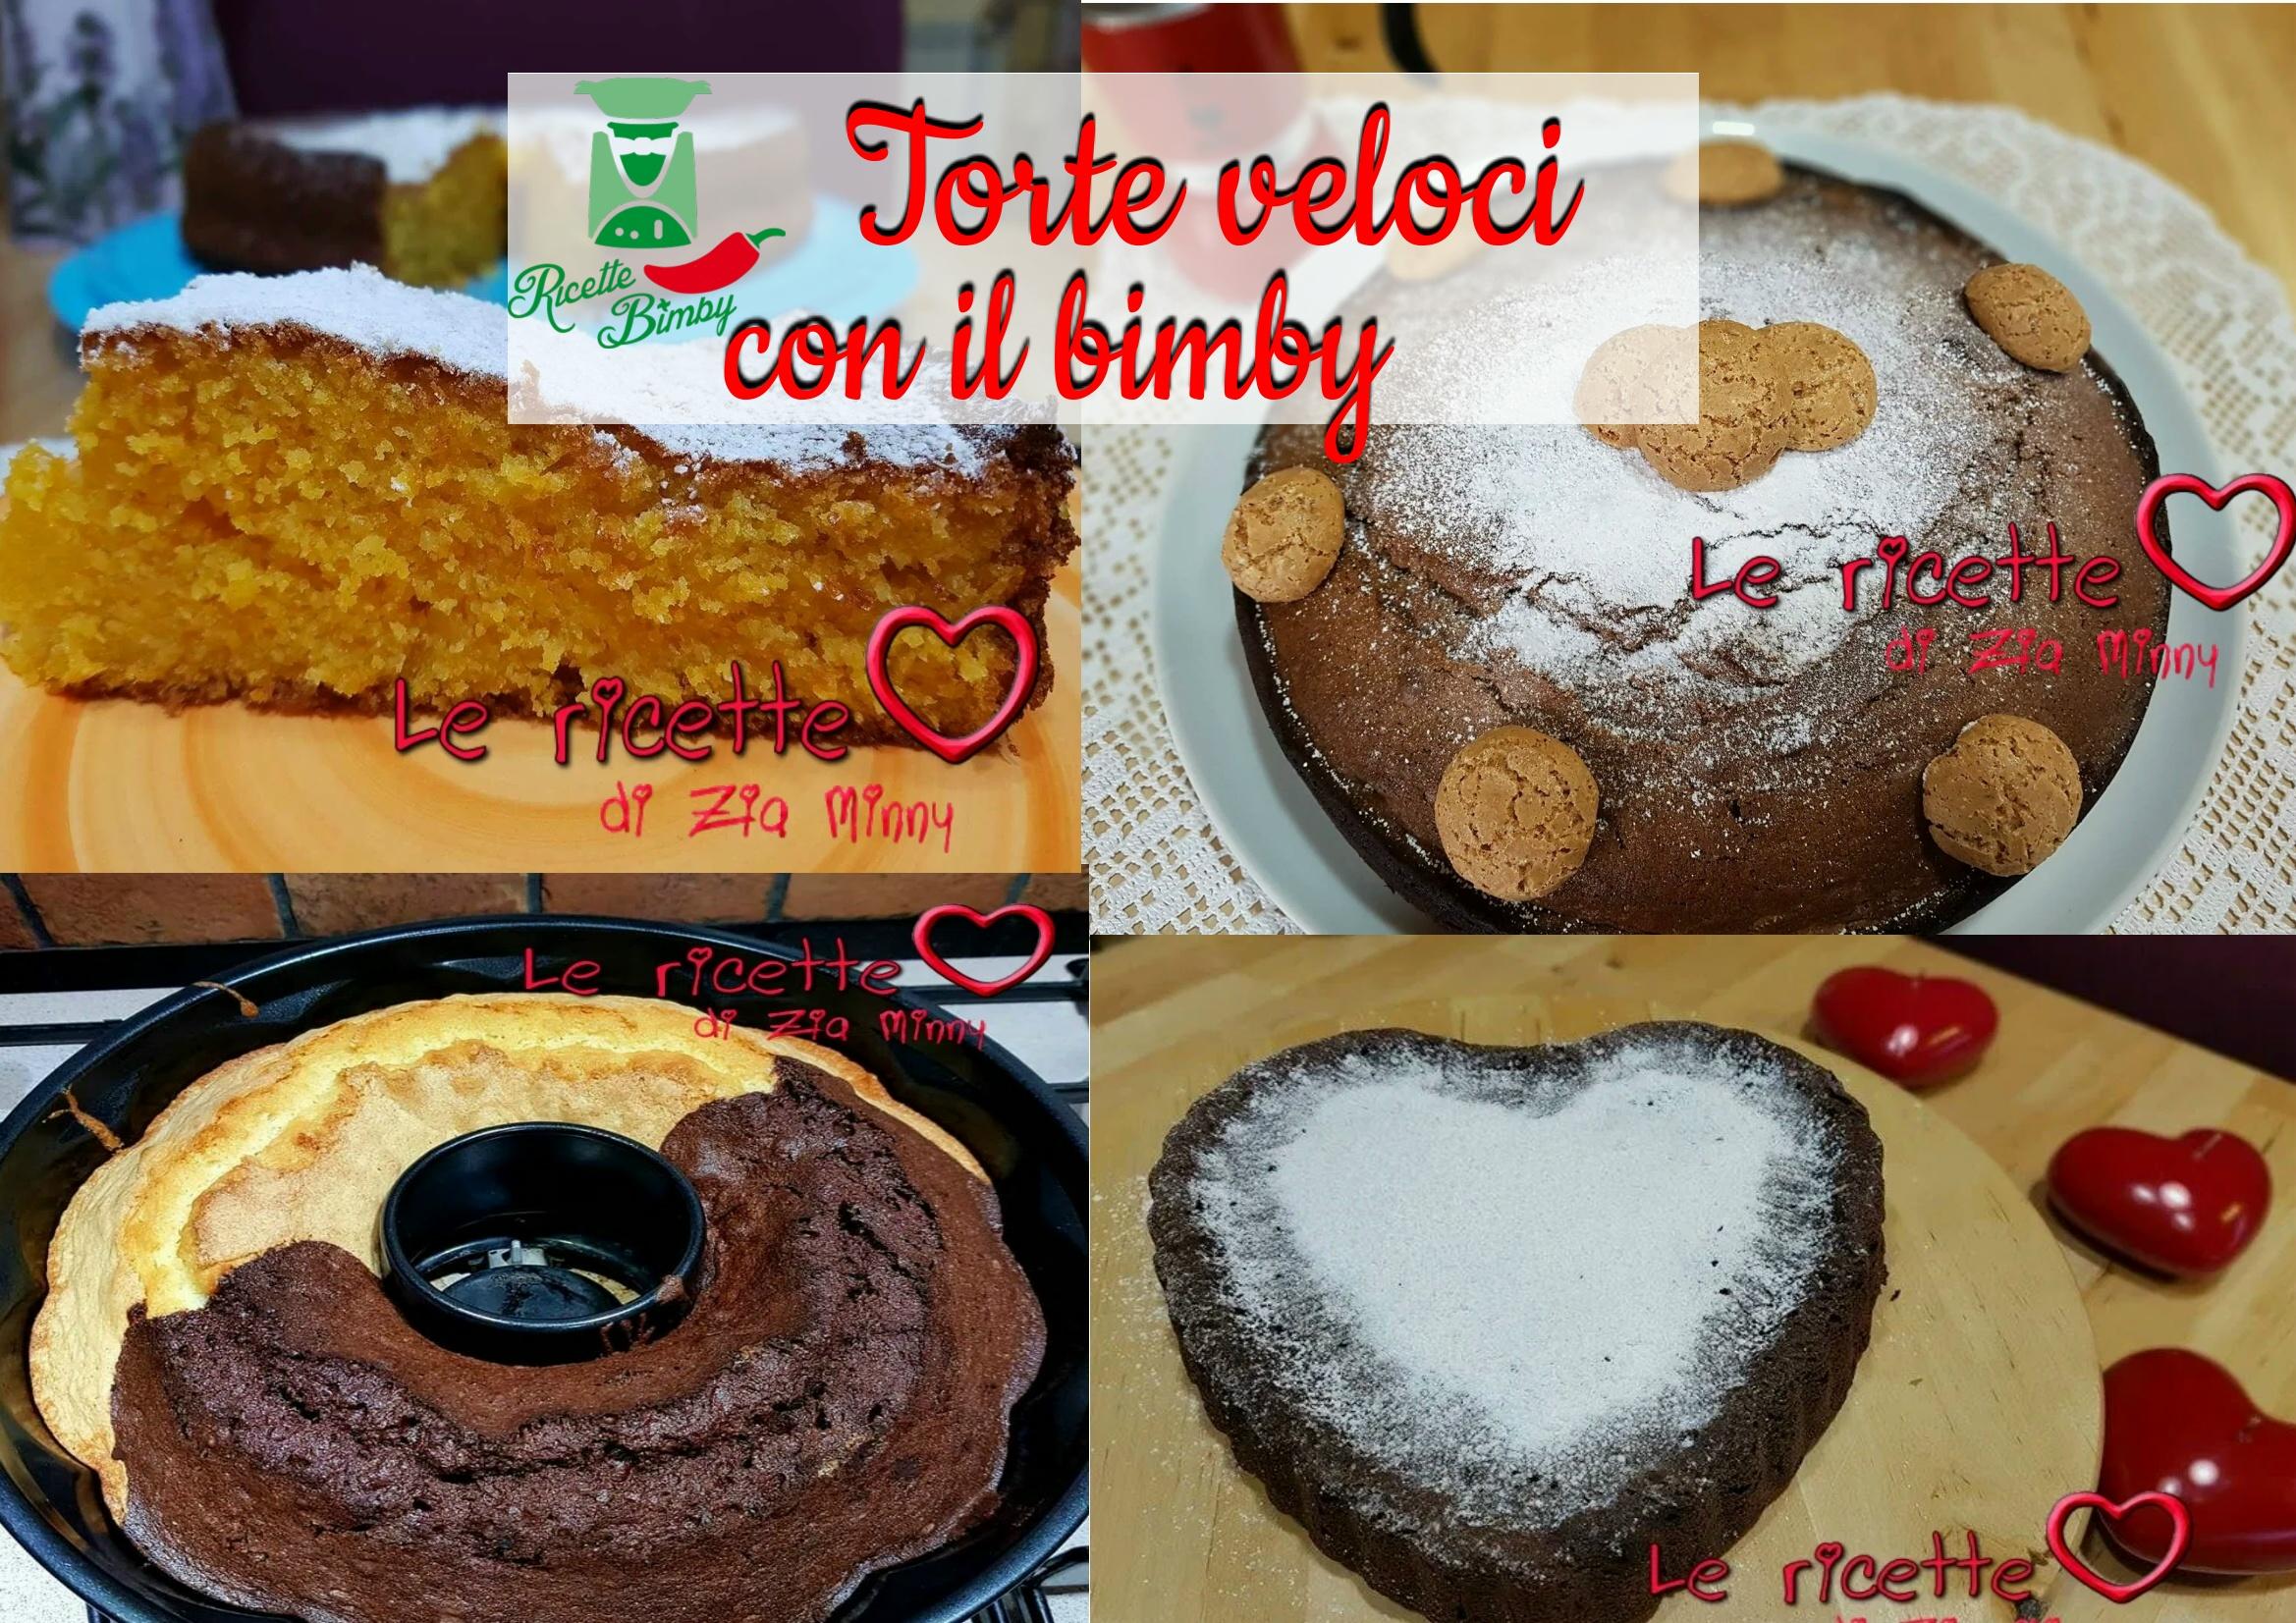 TORTE VELOCI CON IL BIMBY